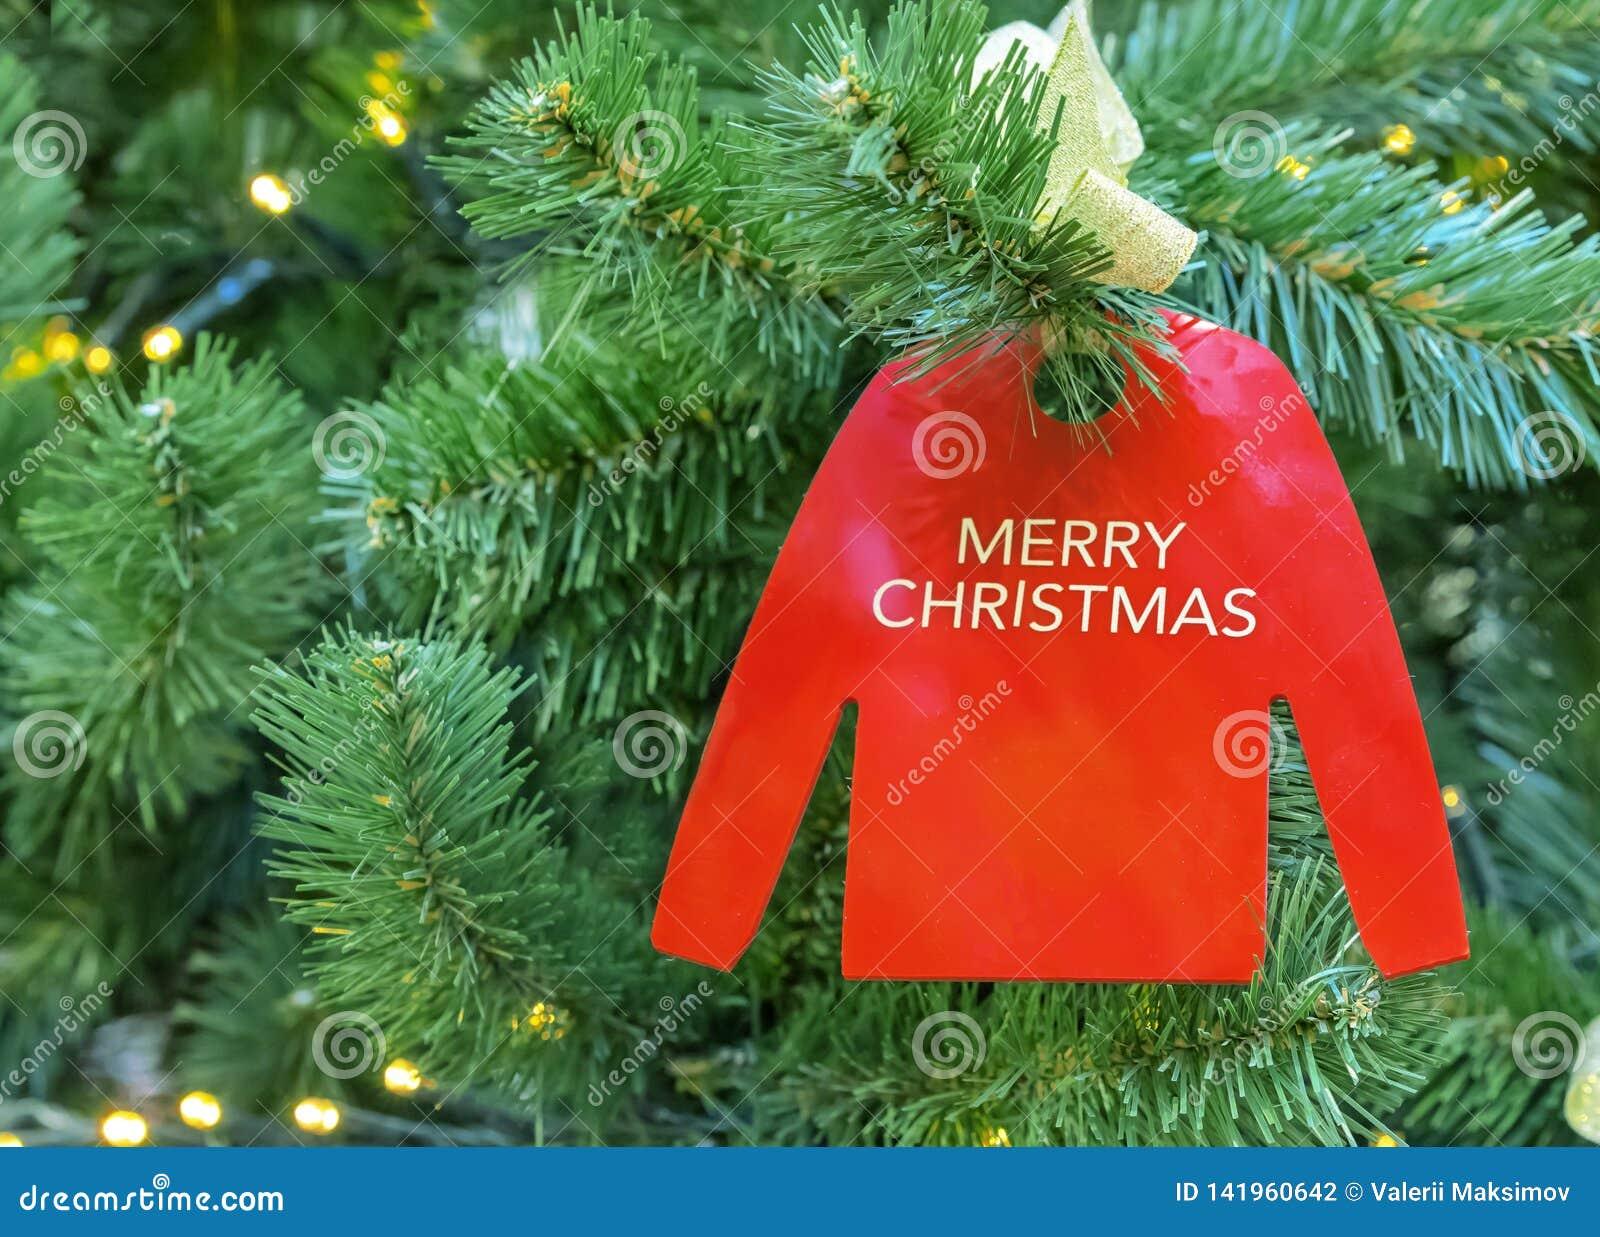 Орнамент на рождественской елке в форме красного прыгуна с рождеством надписи веселым